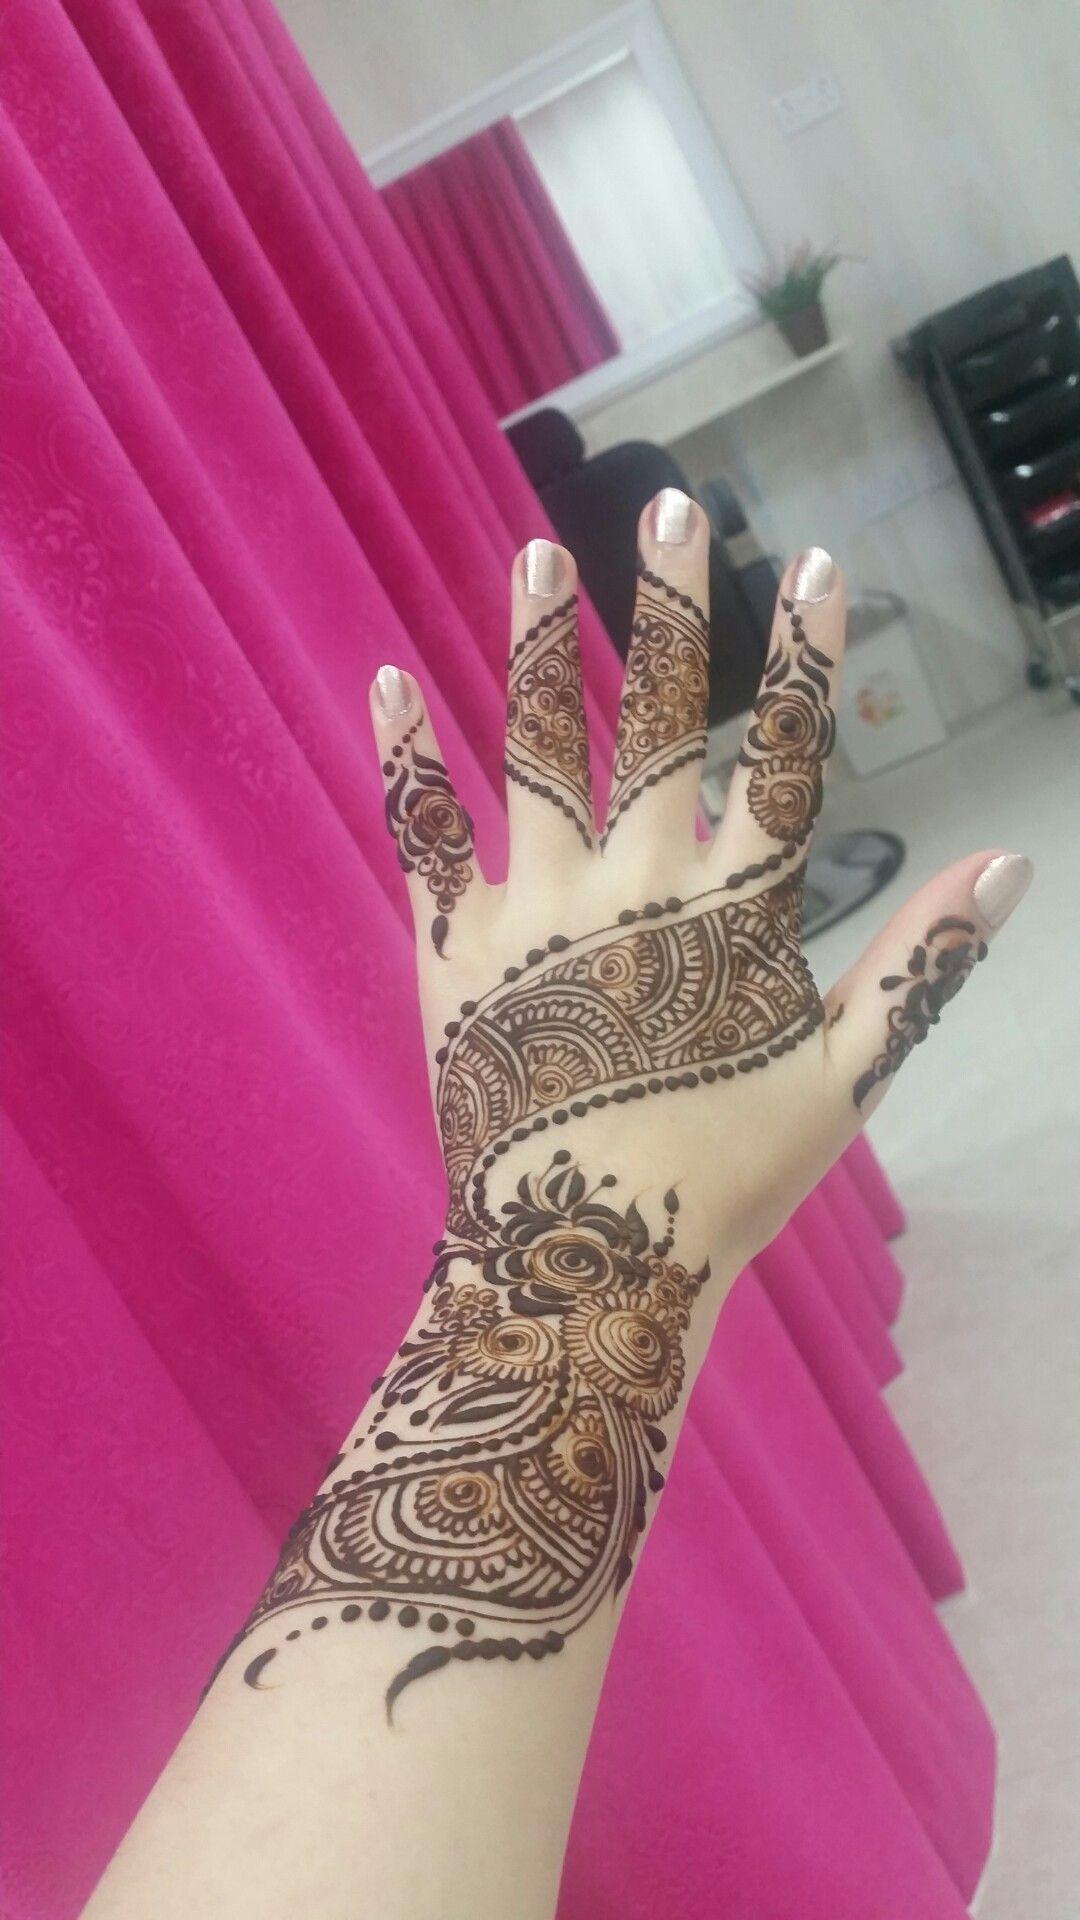 نقش حنة مميز و دقيق عل يد خبيرة الحنة دينا Hand Henna Henna Hand Tattoo Hand Tattoos